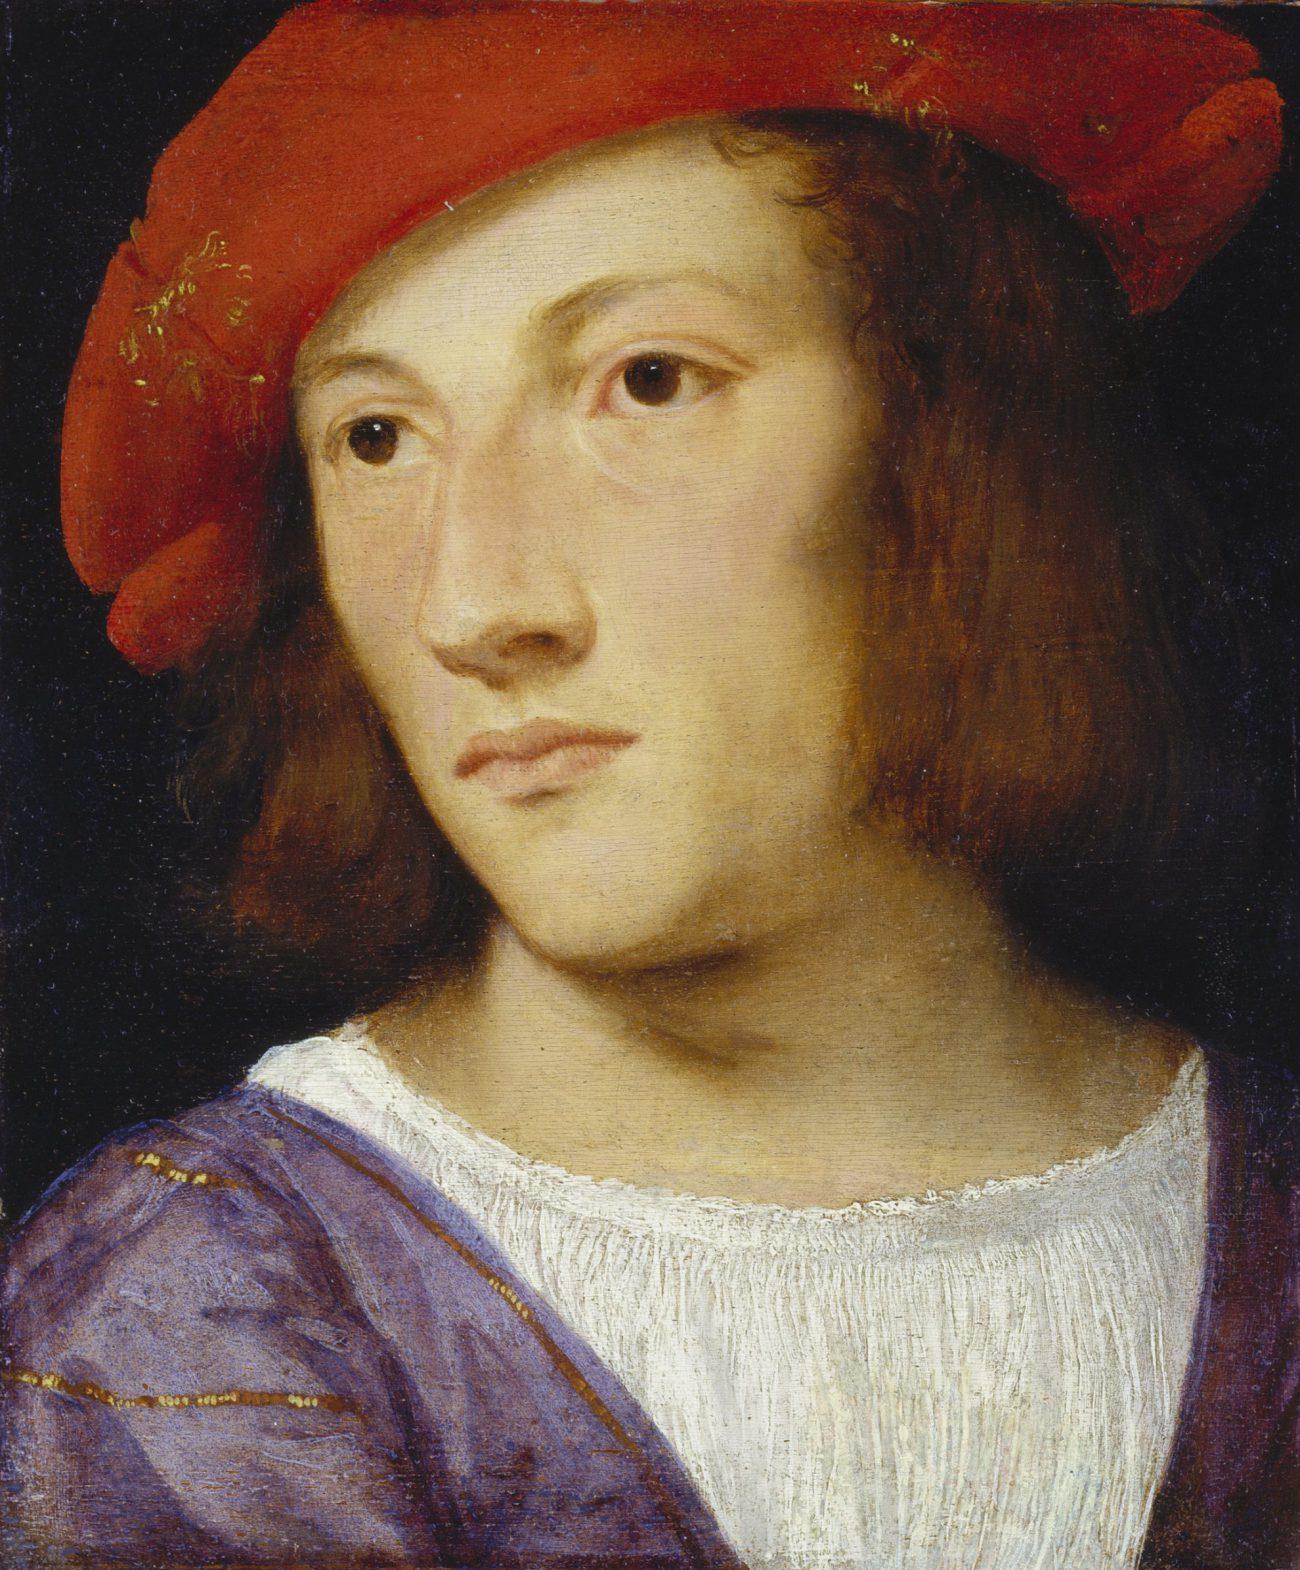 Tizian, Bildnis eines jungen Mannes, Die Poesie der venezianischen Malerei, Art On Screen - News - [AOS] Magazine